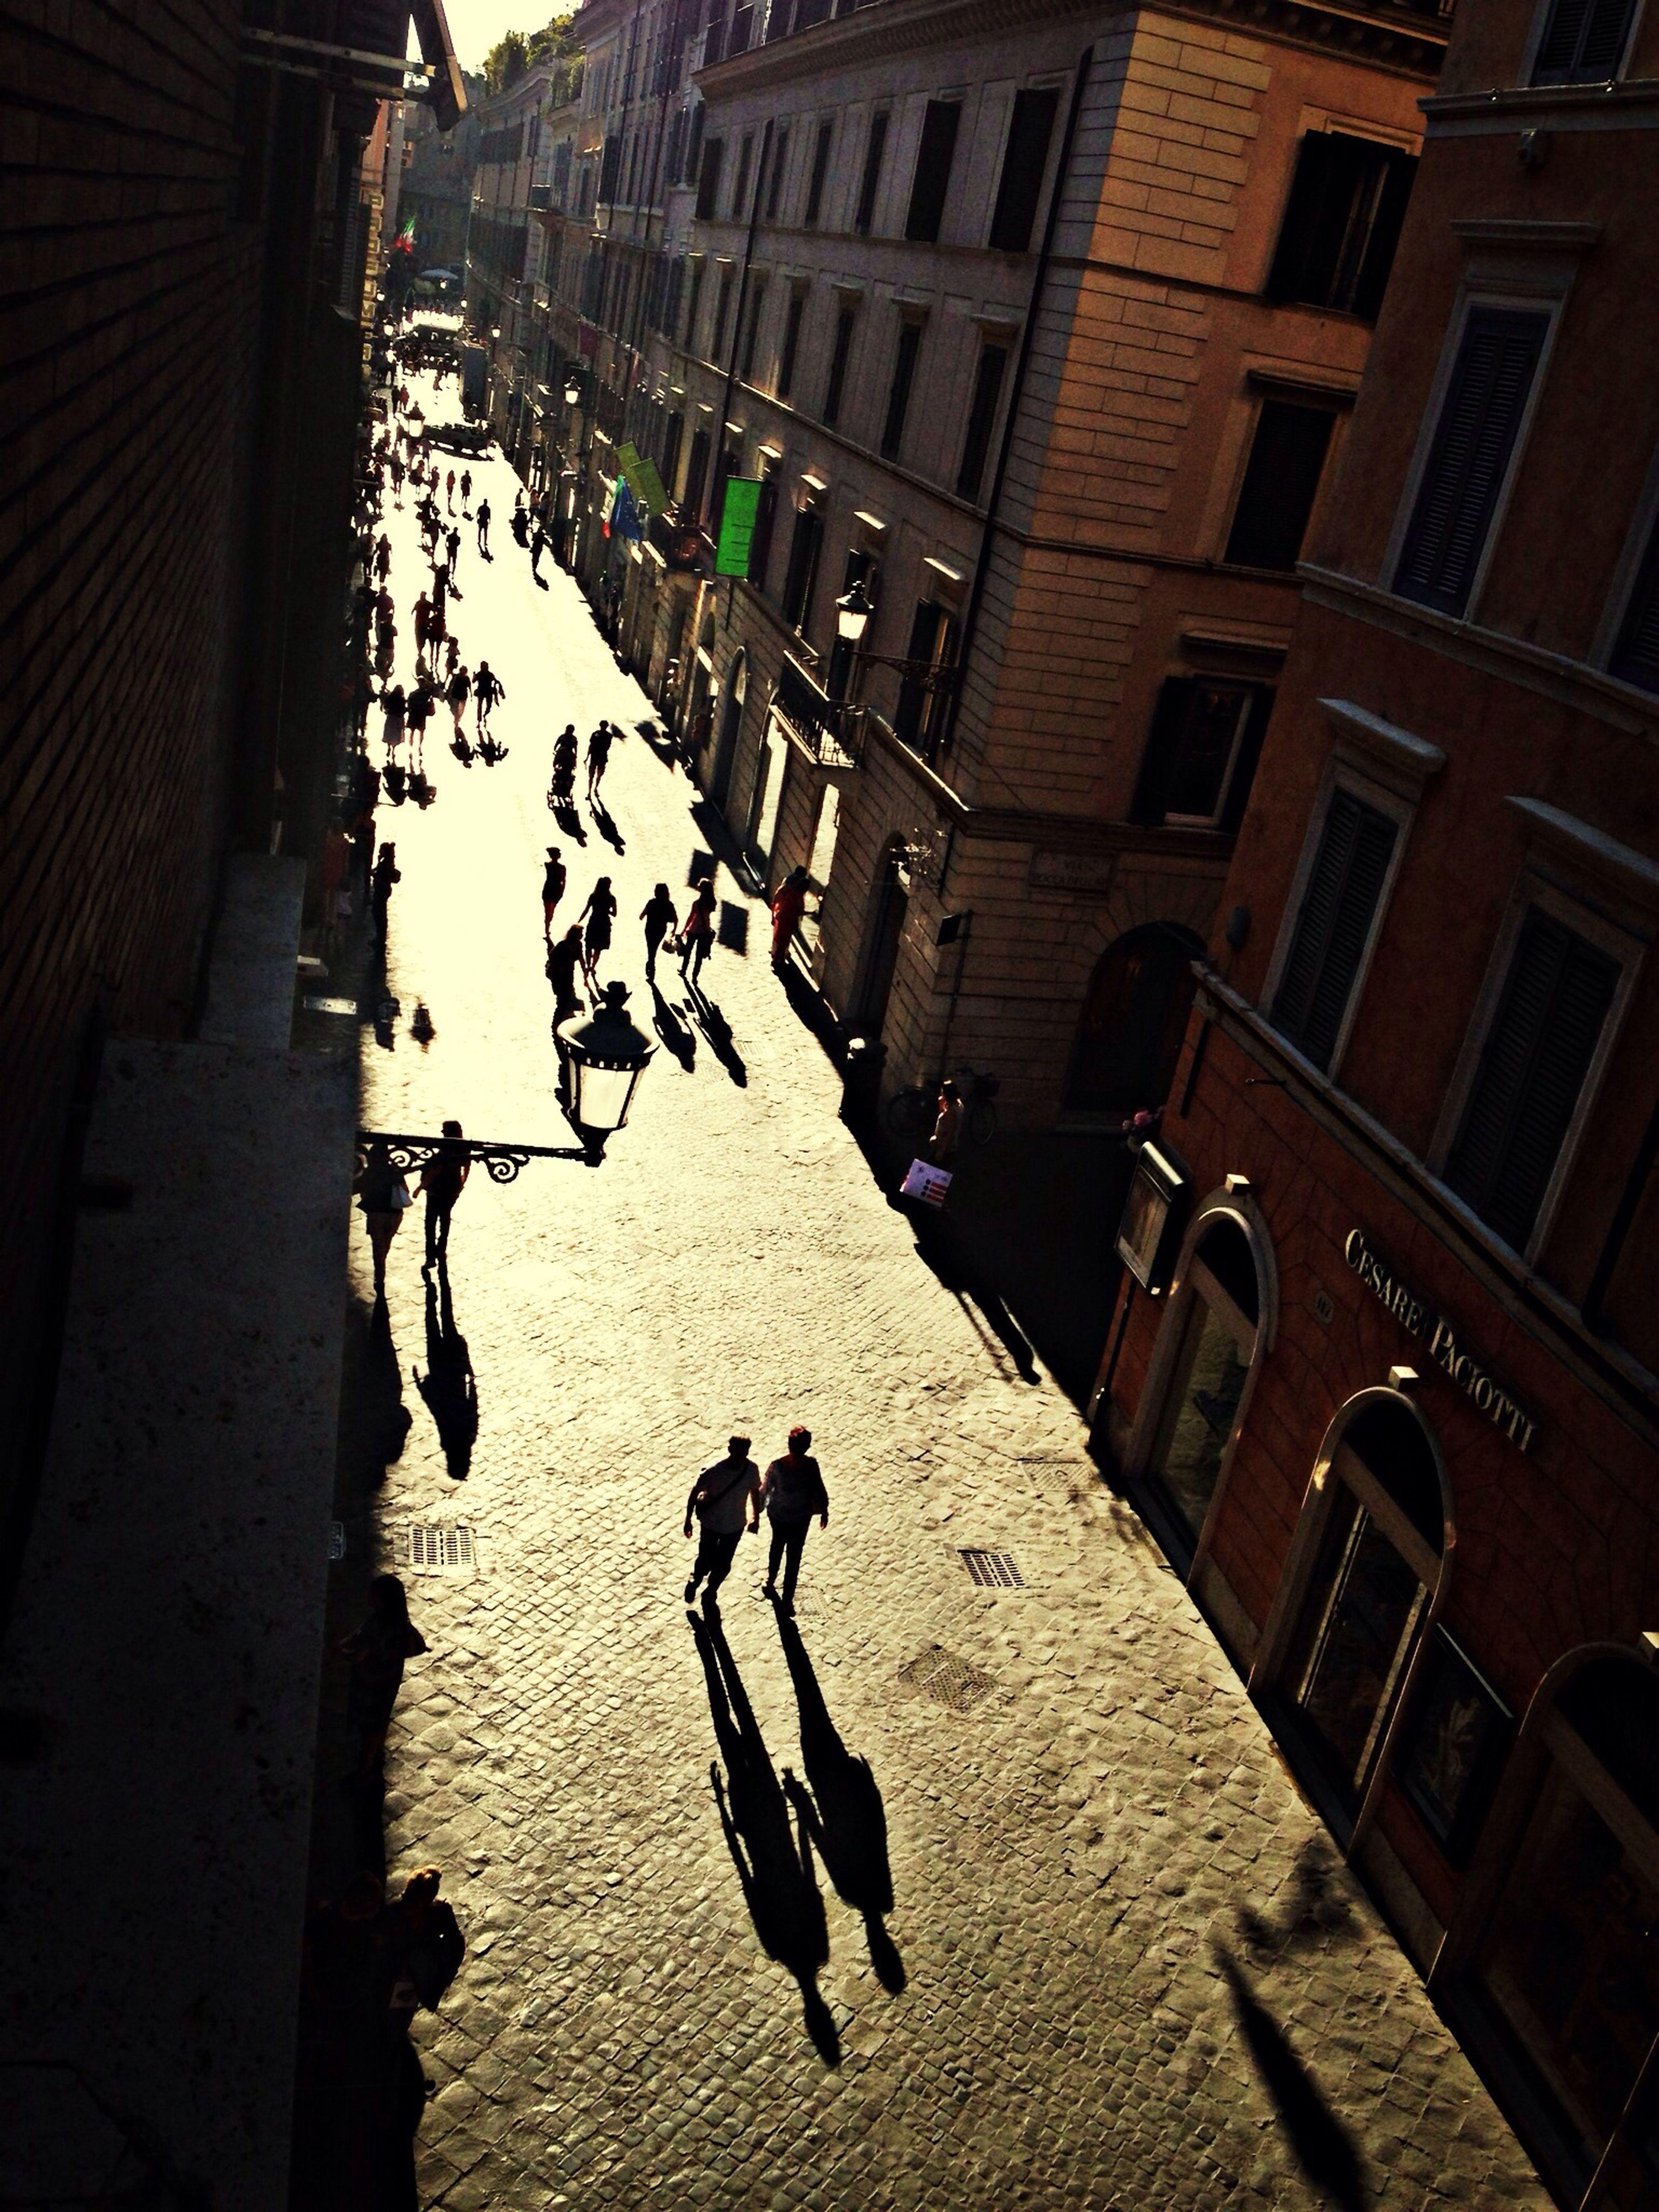 Un legame di silenzi e di ombre, che si prendono cura l'una dell'altra lontani dal mondo